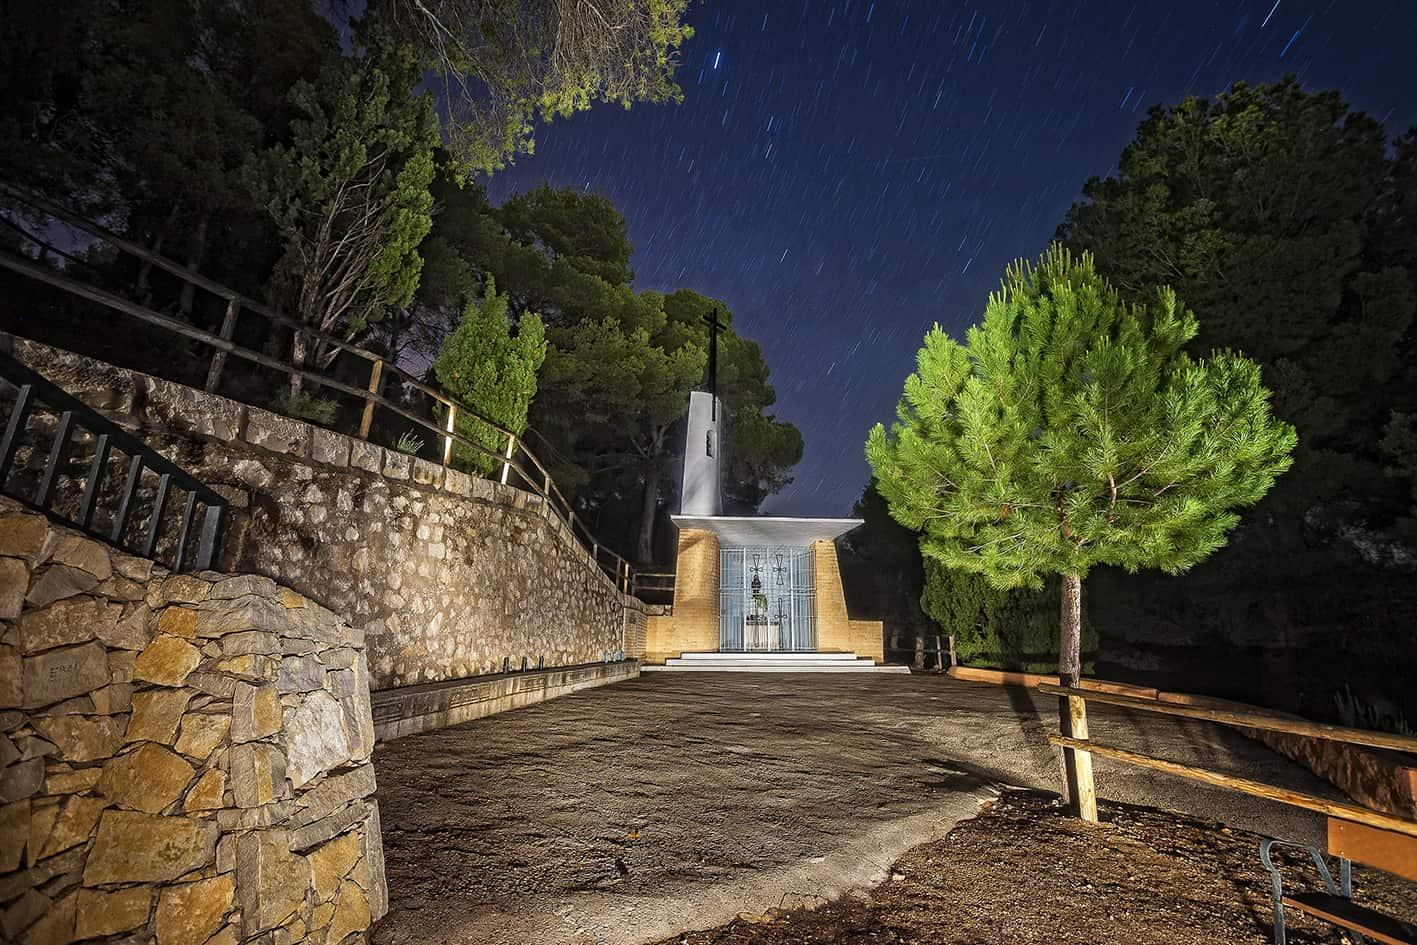 paraje natural de la ermita san pascual entrada a la fuente roja por ibi,nocturna iluminada con linterna calida.